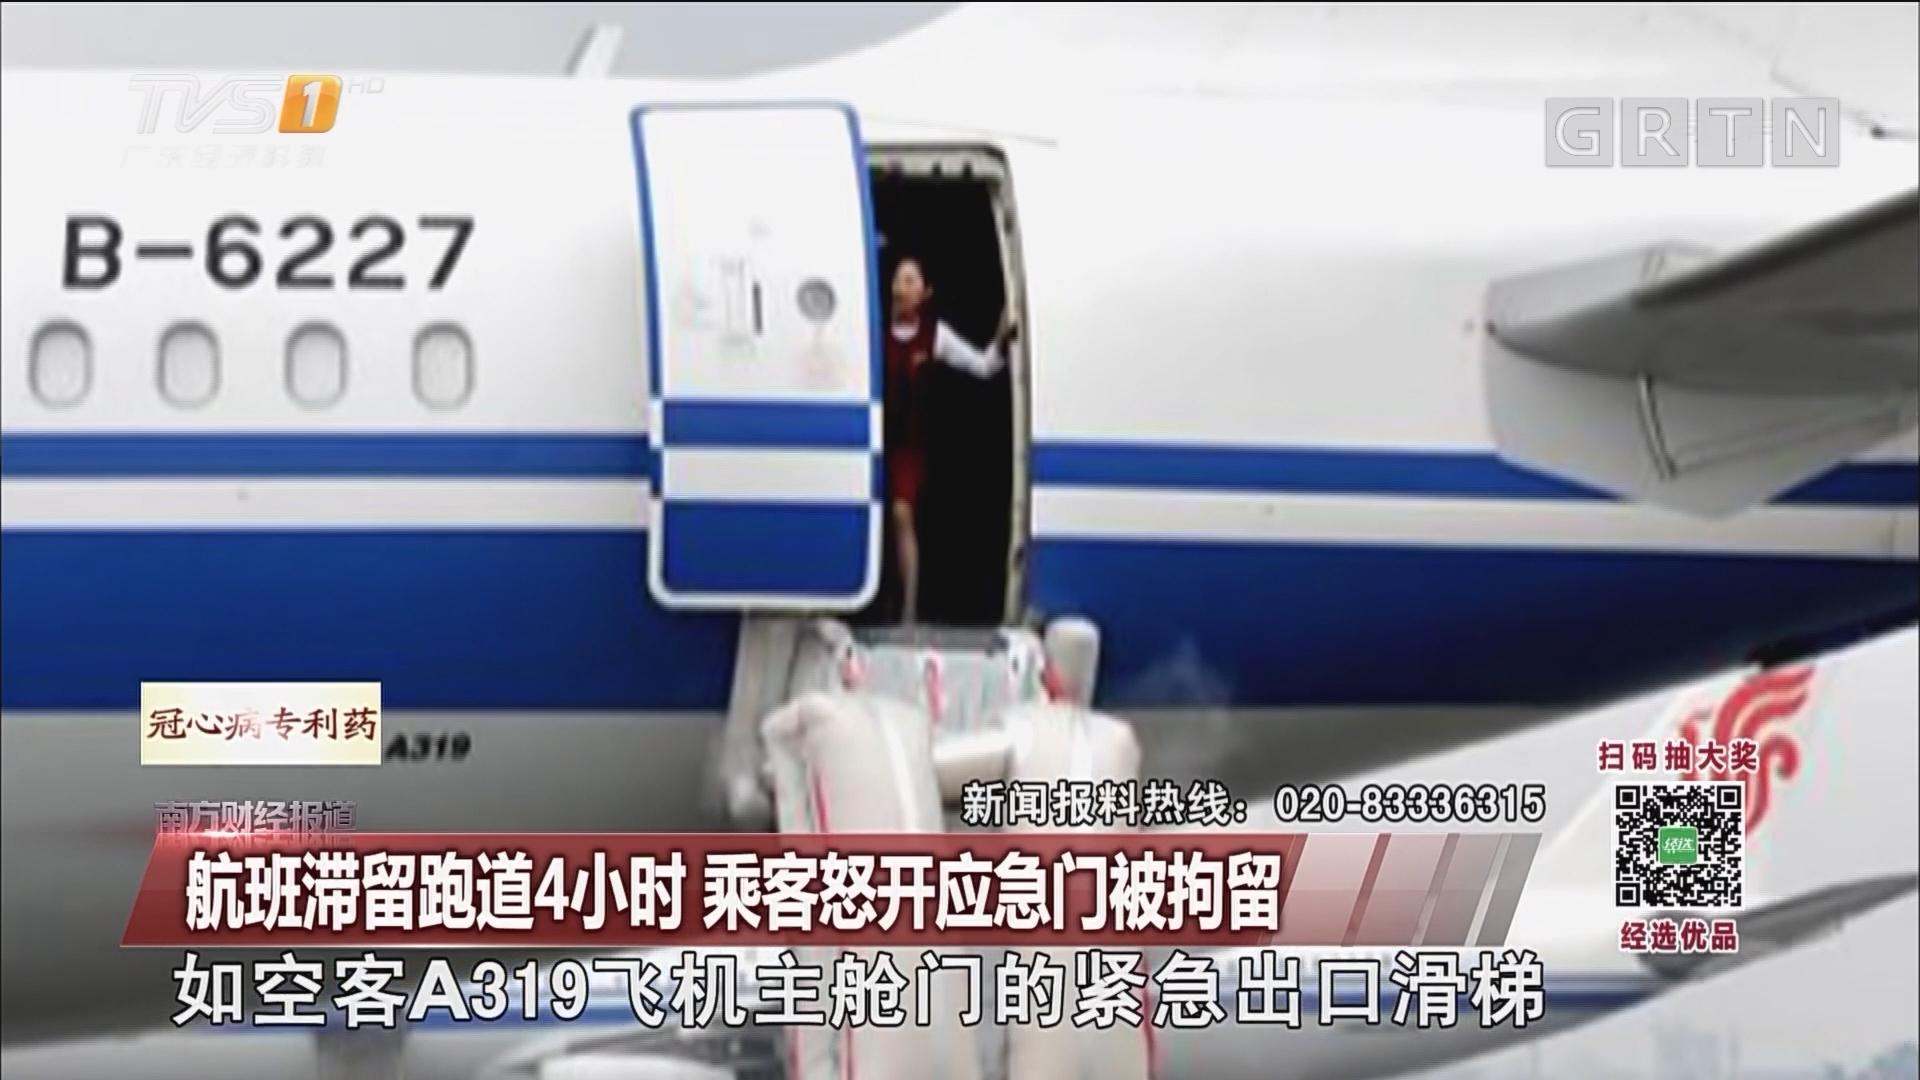 航班滞留跑道4小时 乘客怒开应急门被拘留